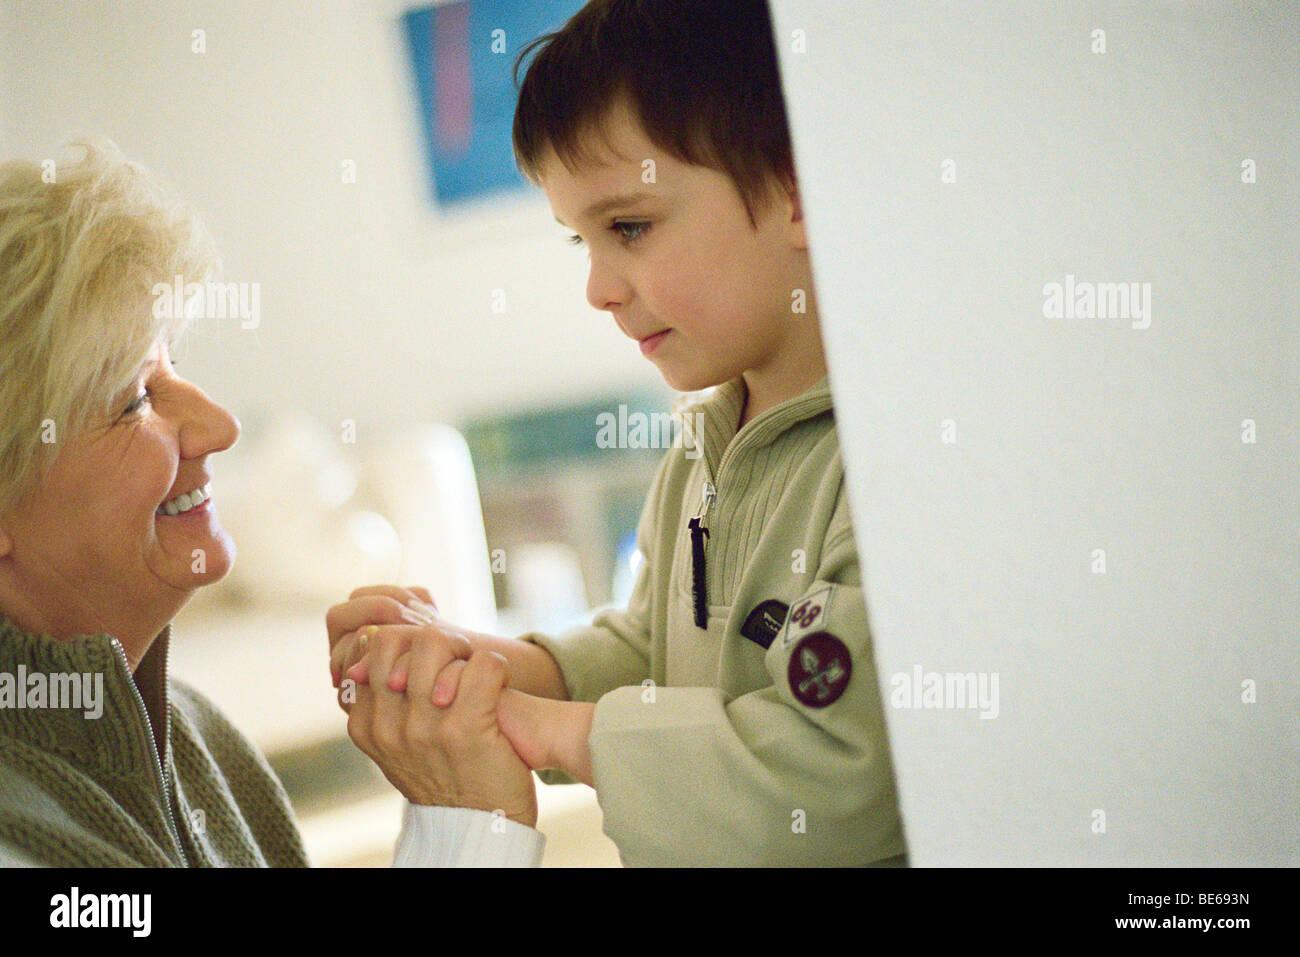 Petit garçon face à face avec grand-mère, holding hands Photo Stock